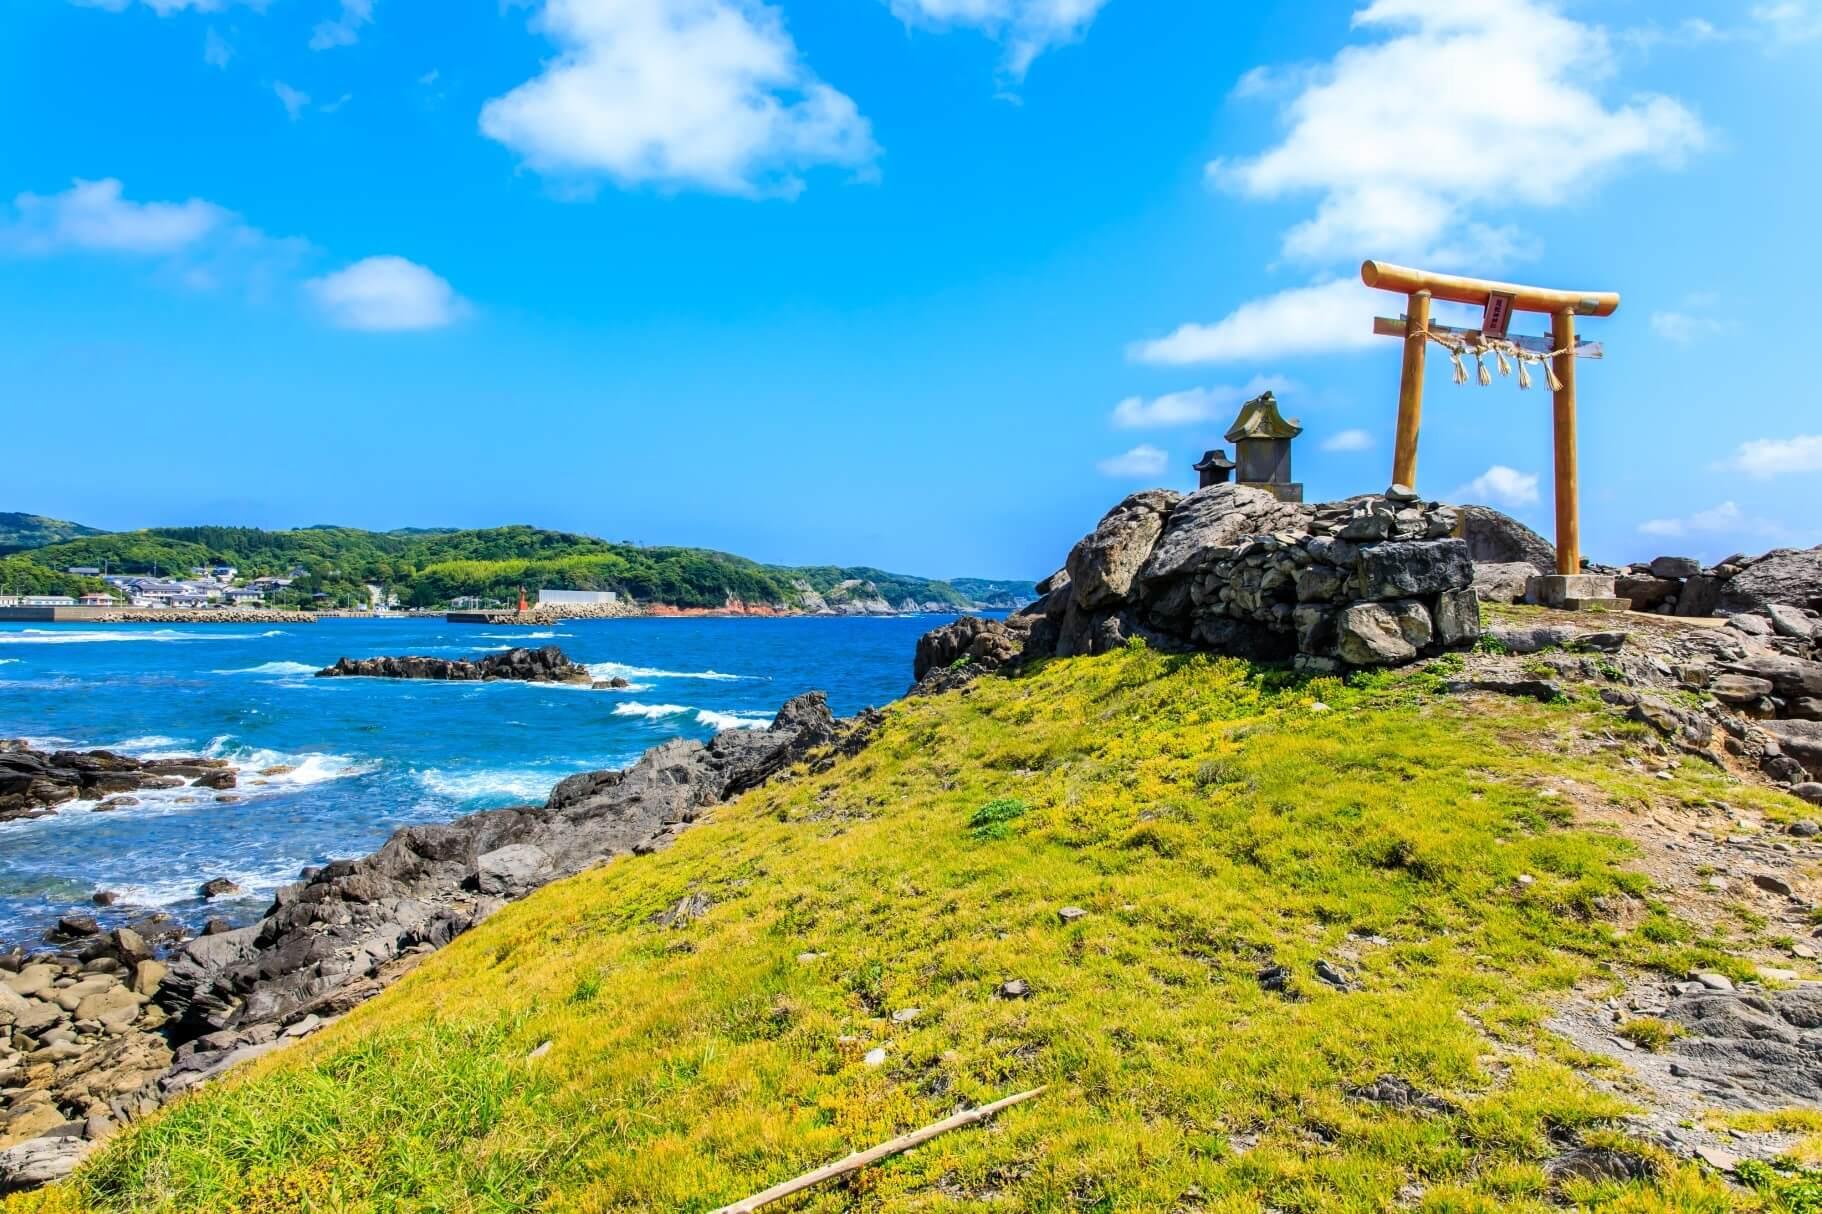 【国内・離島】 チャータークルーズでしか行けない世界遺産 神宿る島沖ノ島と壱岐・対馬の神話探訪